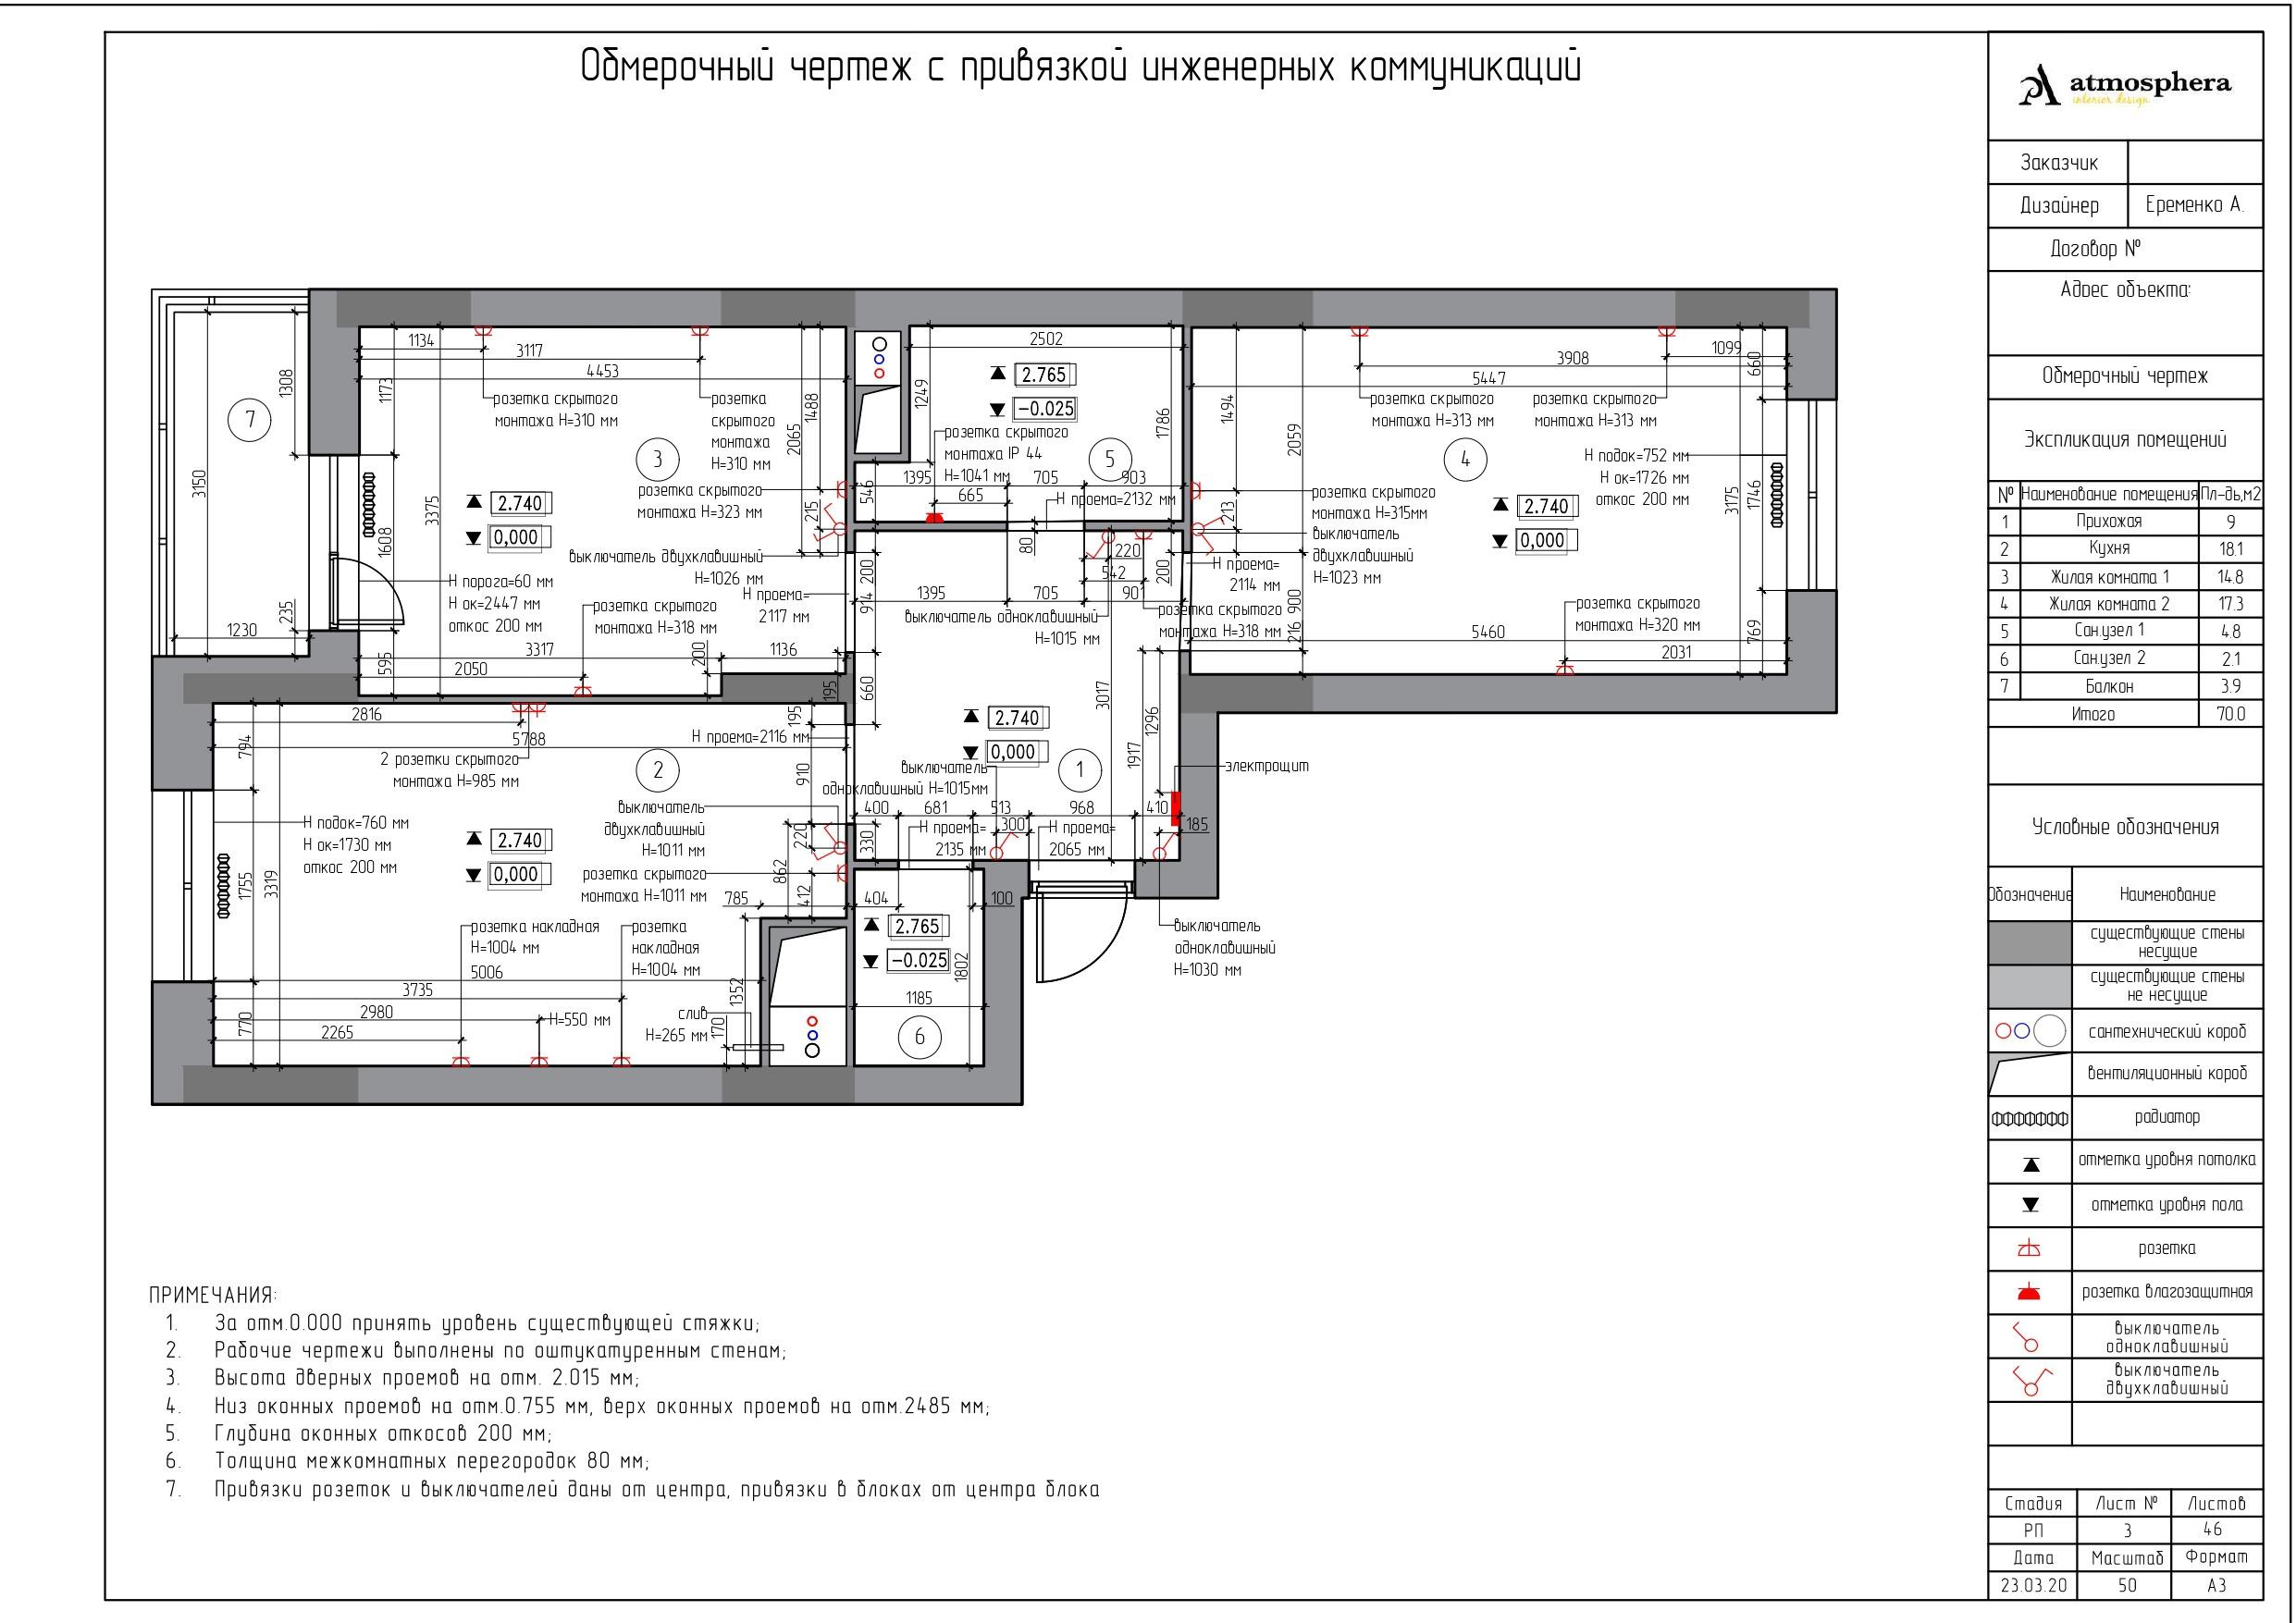 Обмерочный чертеж ЖК «Дмитриевский»